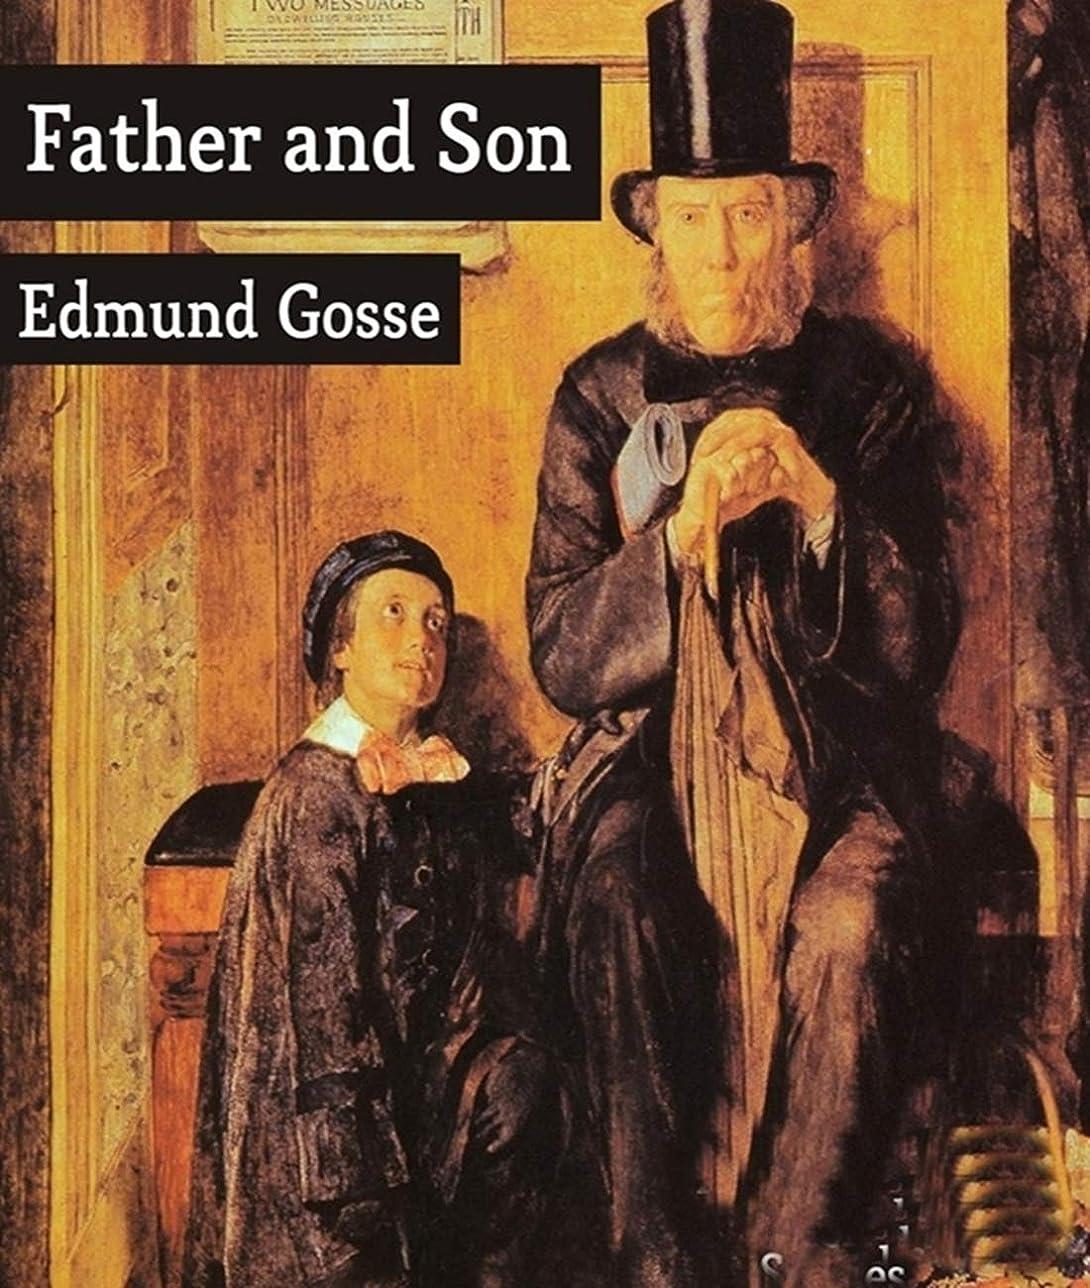 雑品曲チャンピオンシップFather and Son - Edmund Gosse (ANNOTATED) Full Version of Great Classics Work (English Edition)